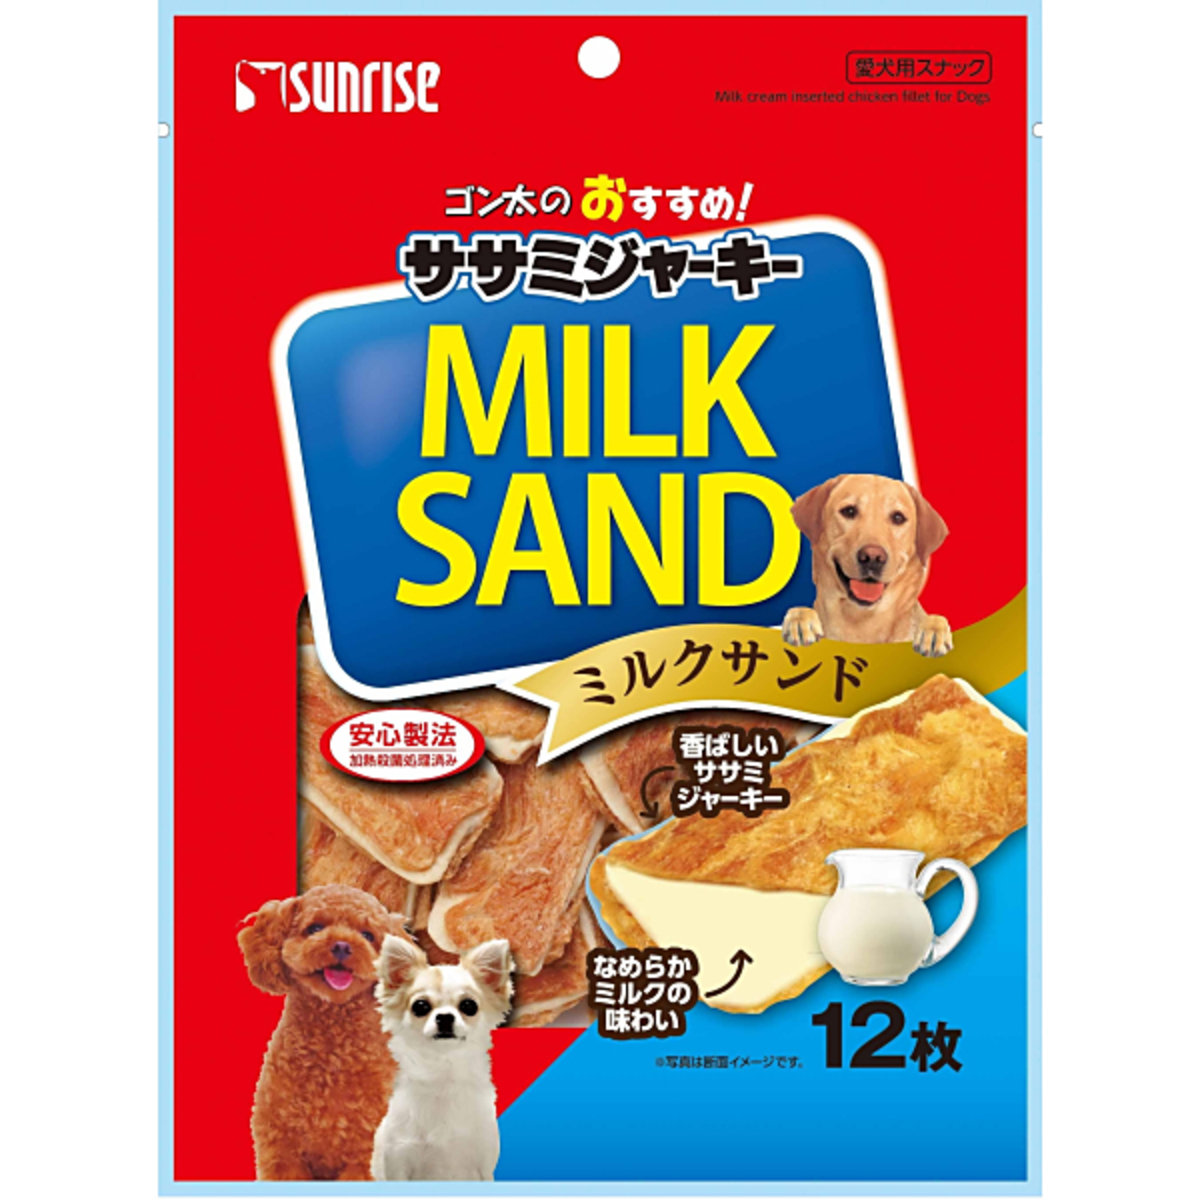 日本 SUNRISE 牛奶忌廉夾心雞肉塊 12枚